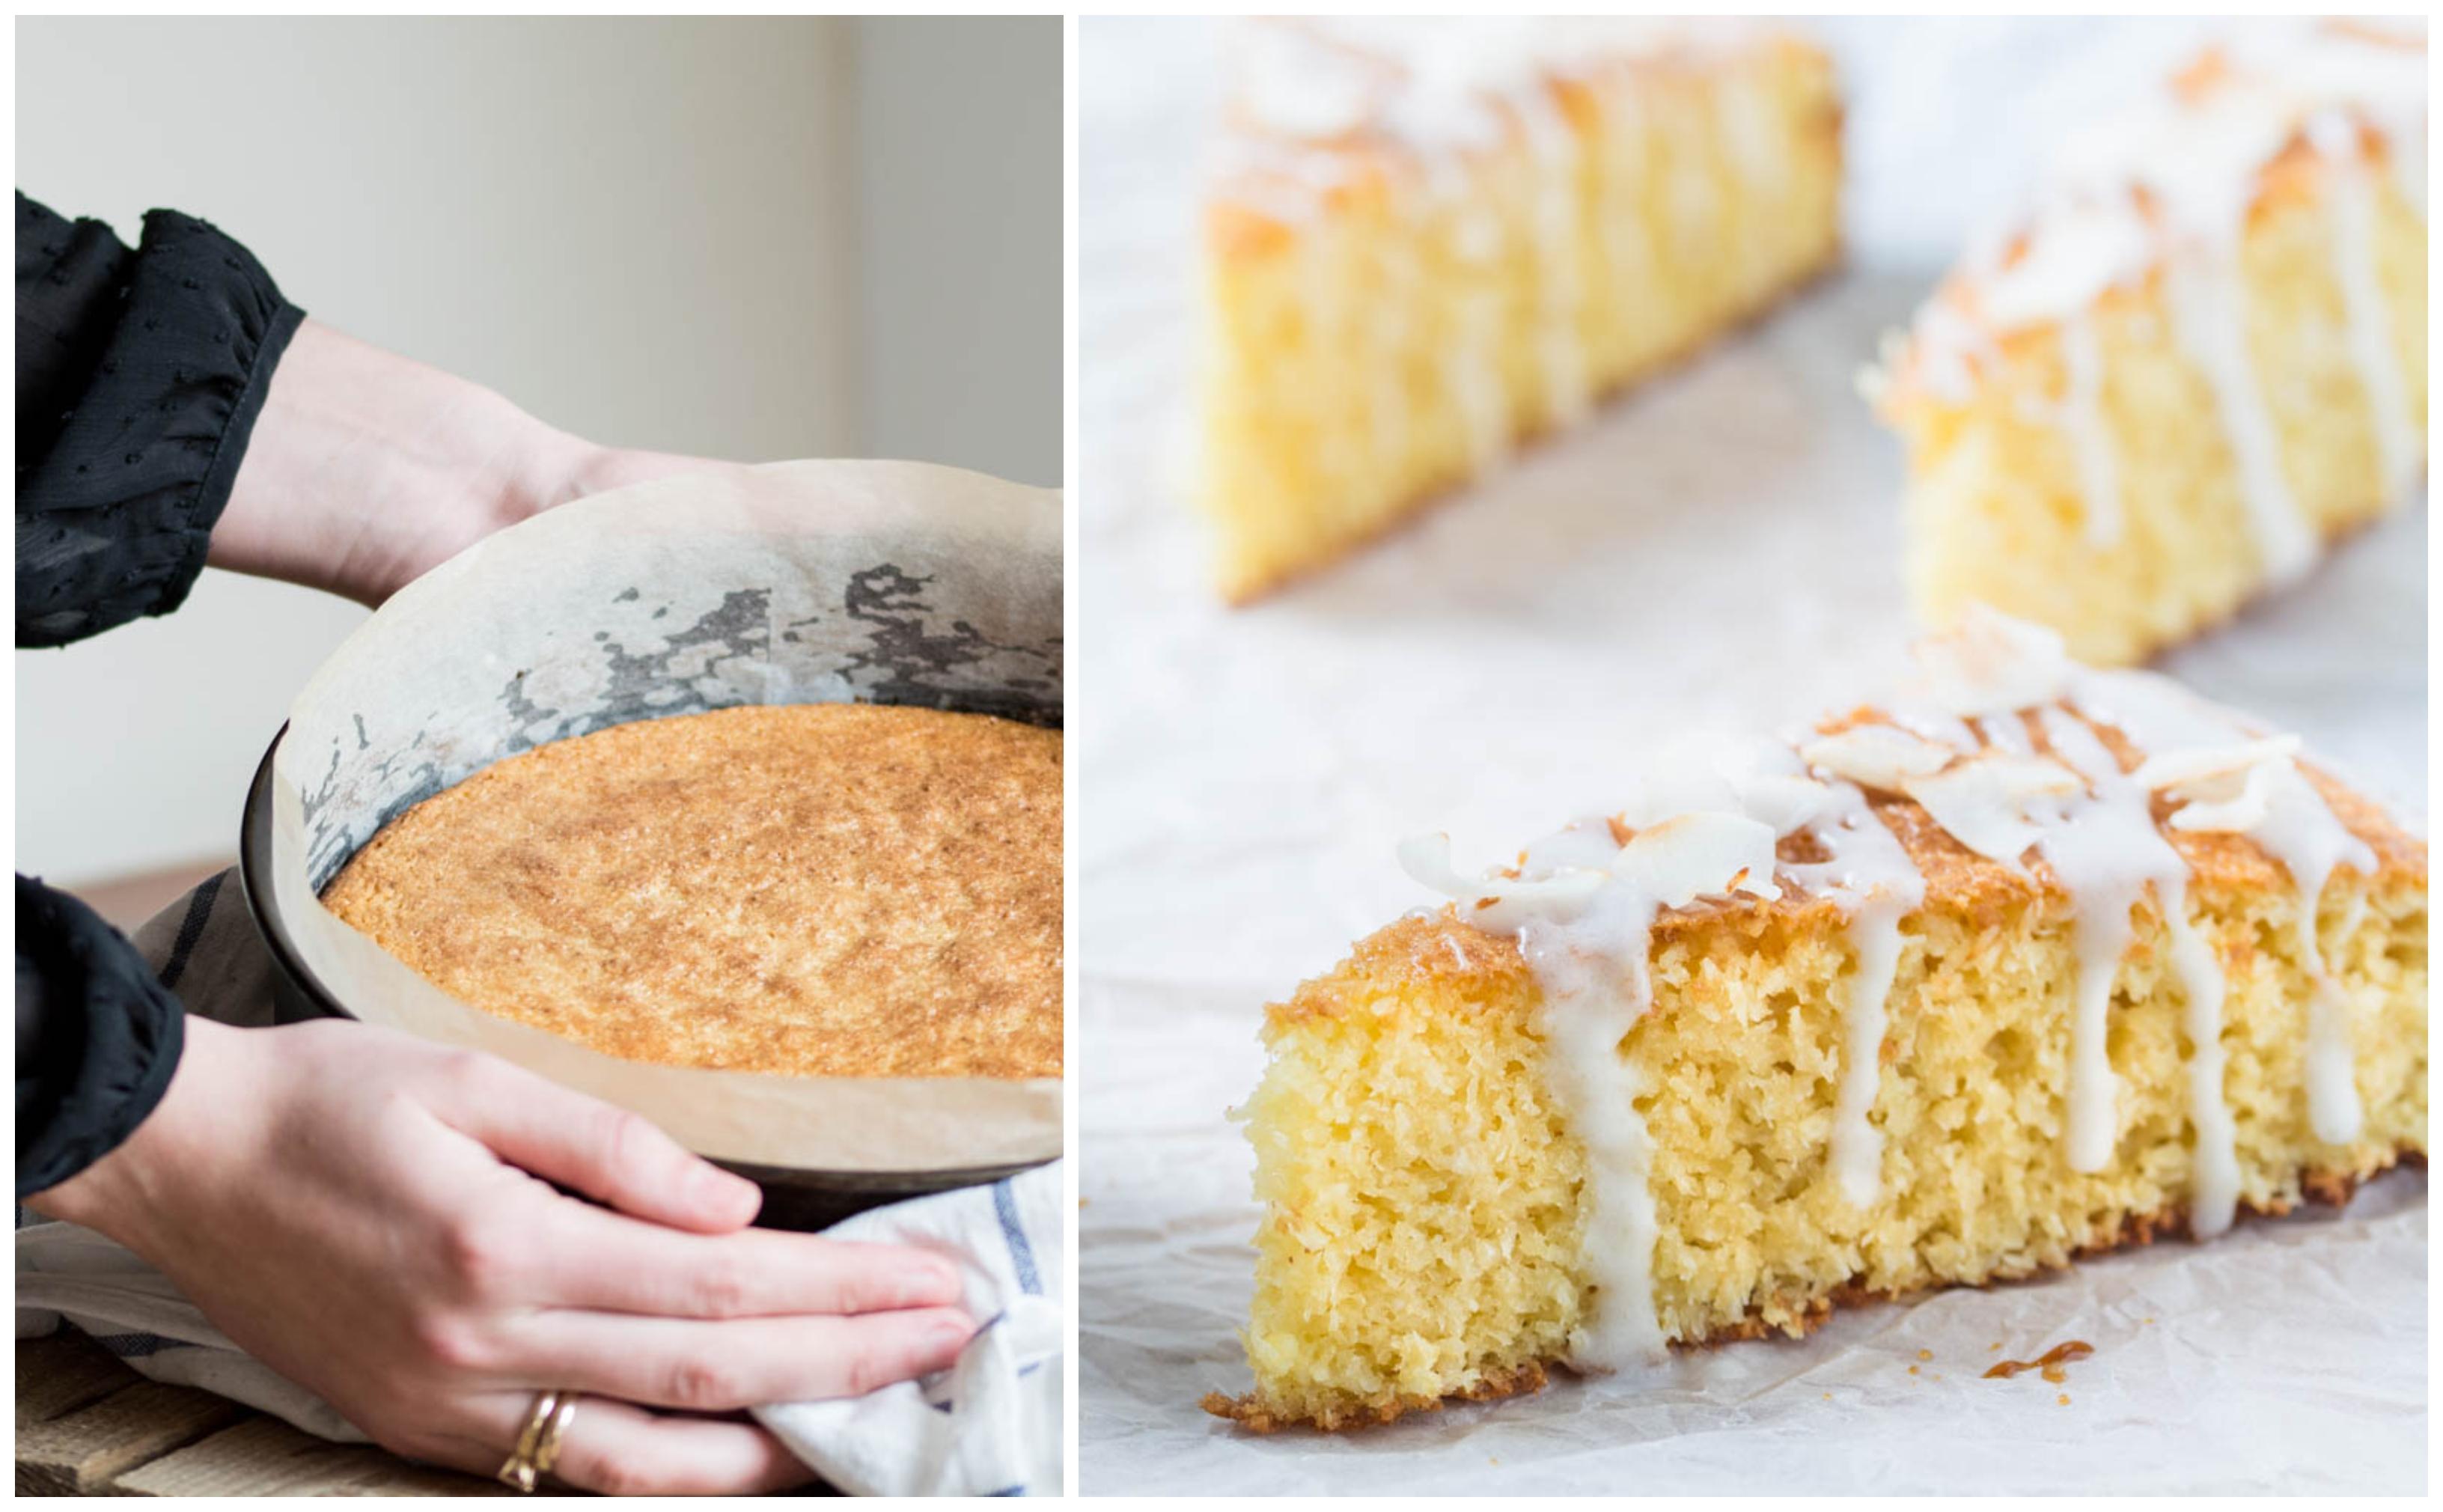 Prăjitură cu nucă de cocos (Torta al Cocco)